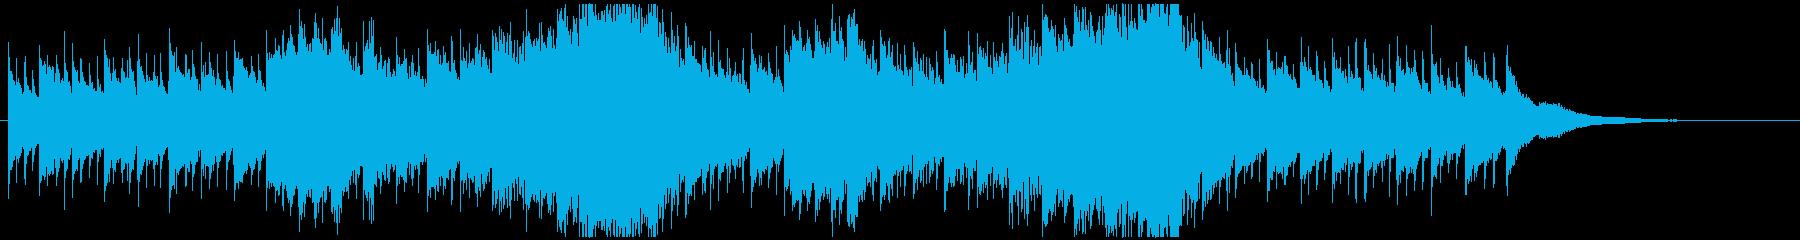 ベルサウンドがキラキラの再生済みの波形